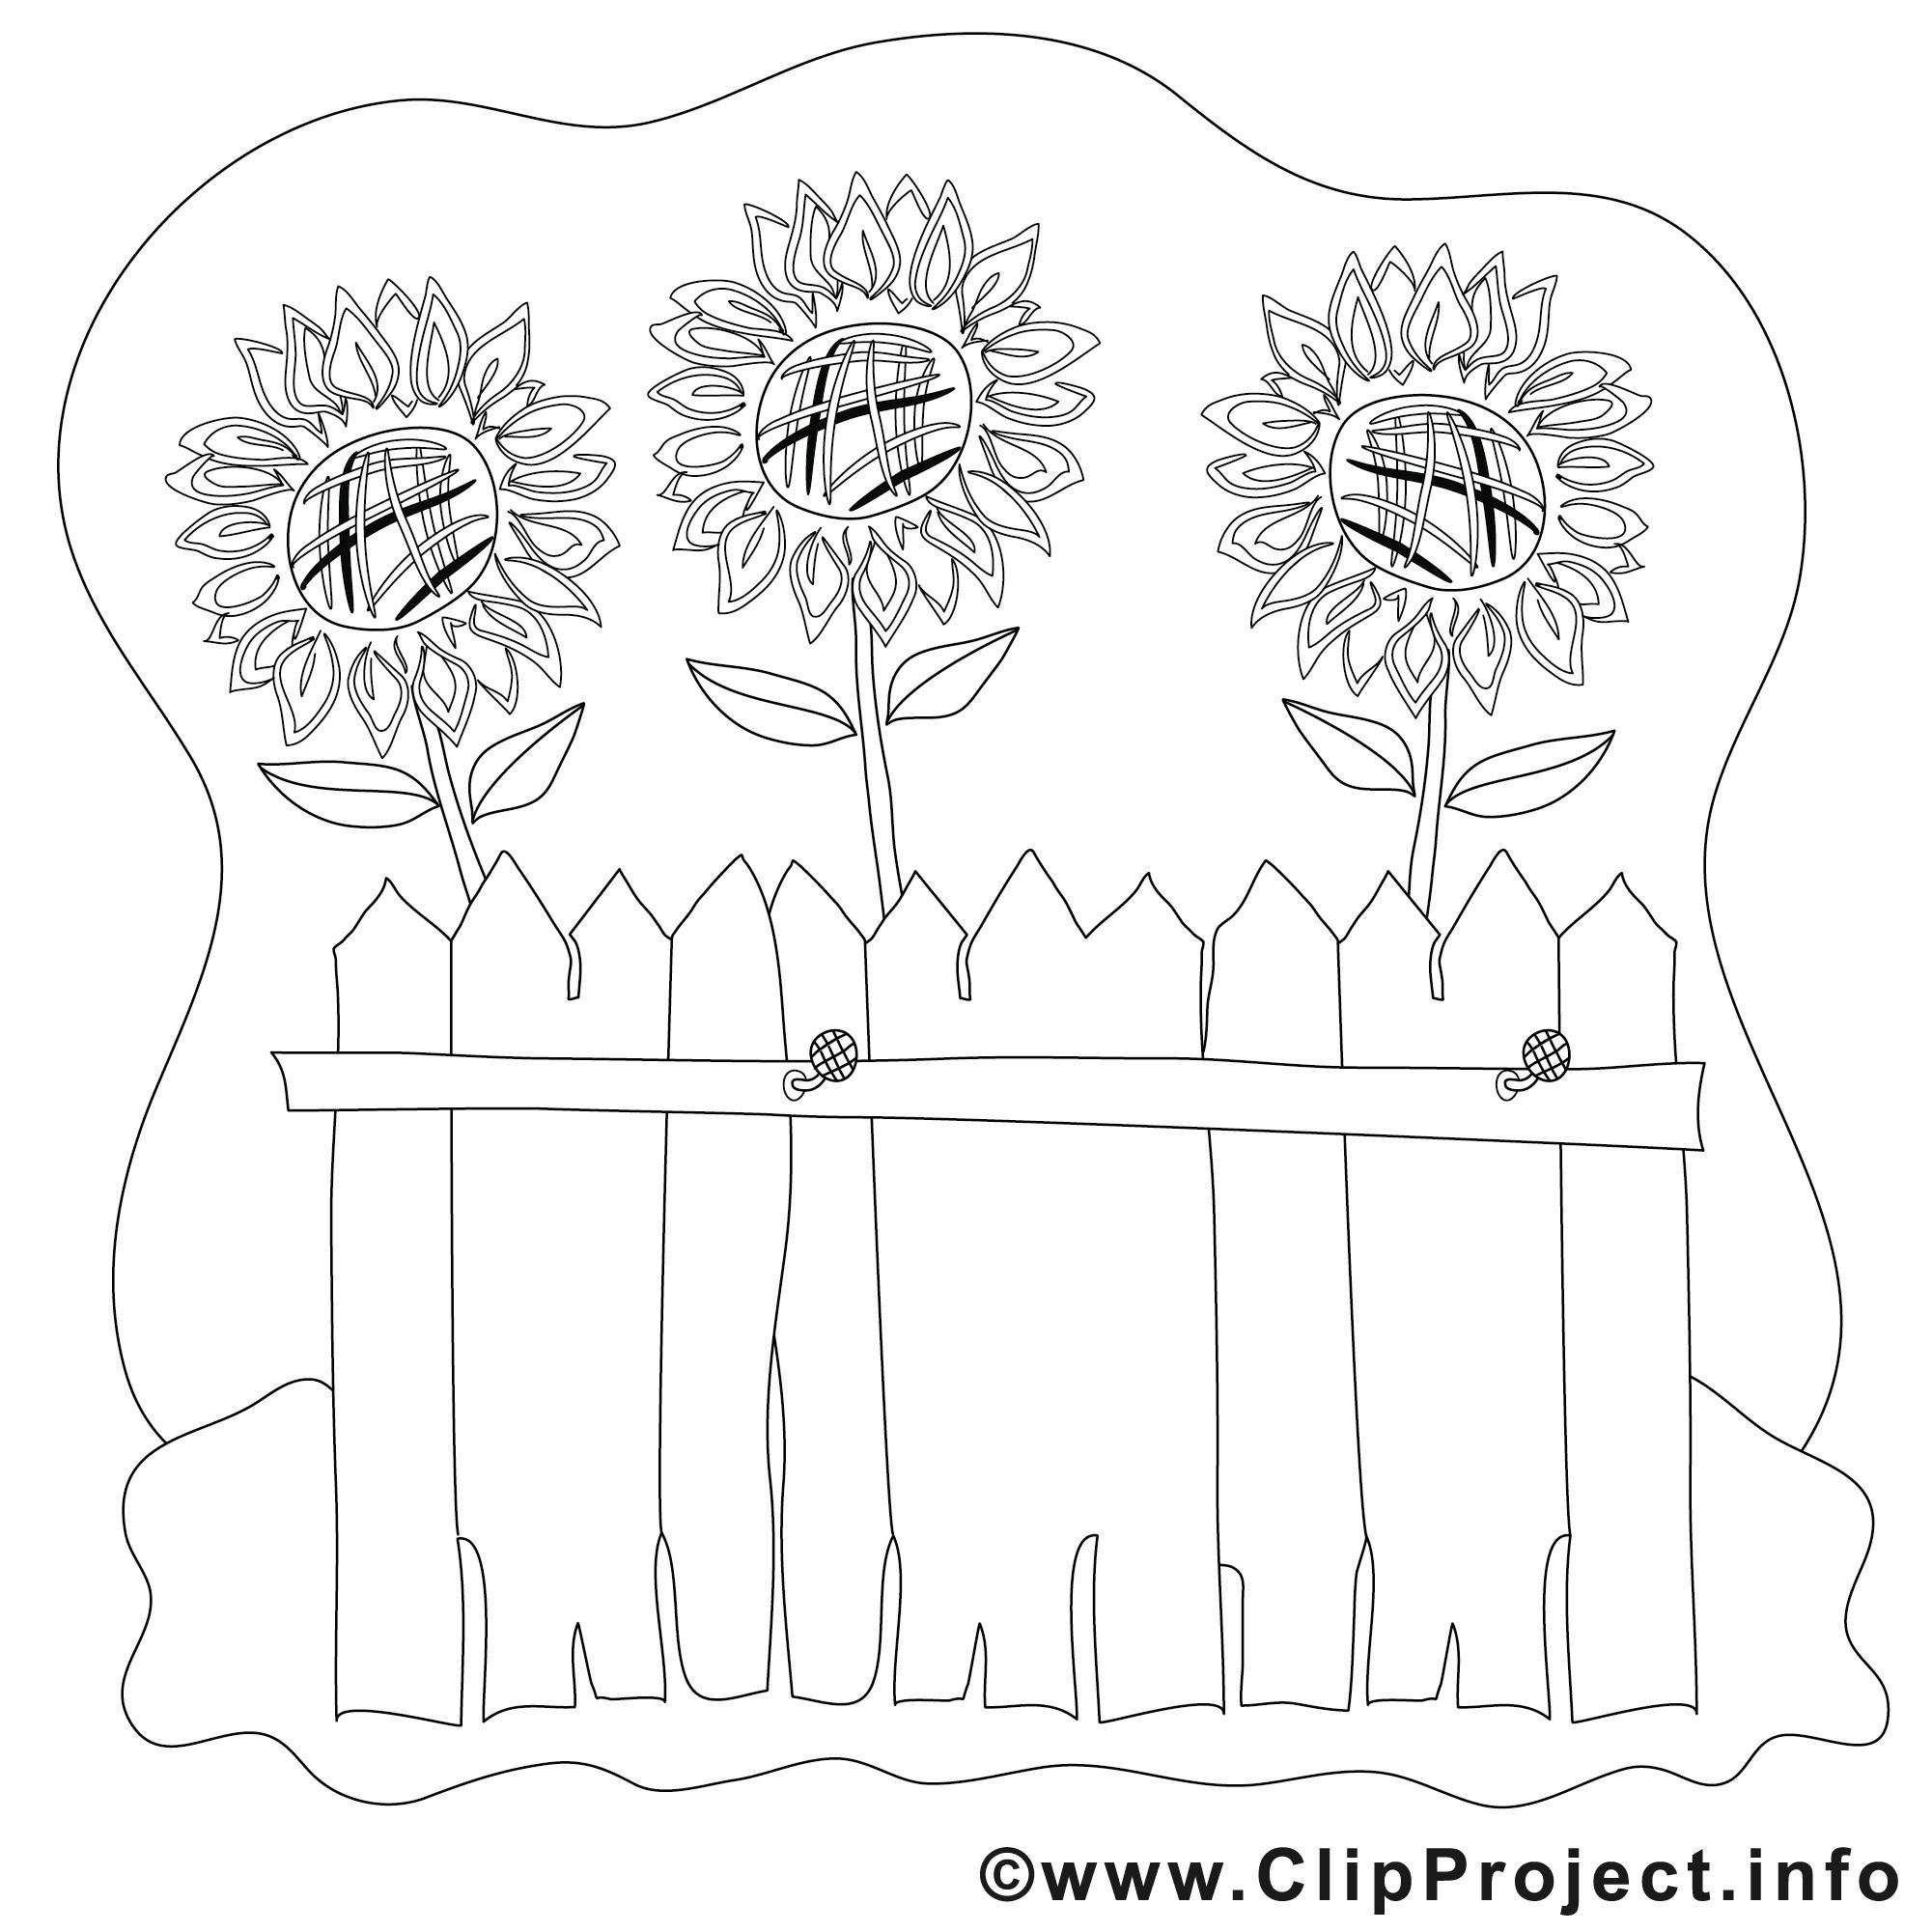 Mandala Zum Ausdrucken Rosen Genial Herz Malvorlagen Schön Kostenlose Vorlage Herz 28 Vorlage Neu Sammlung